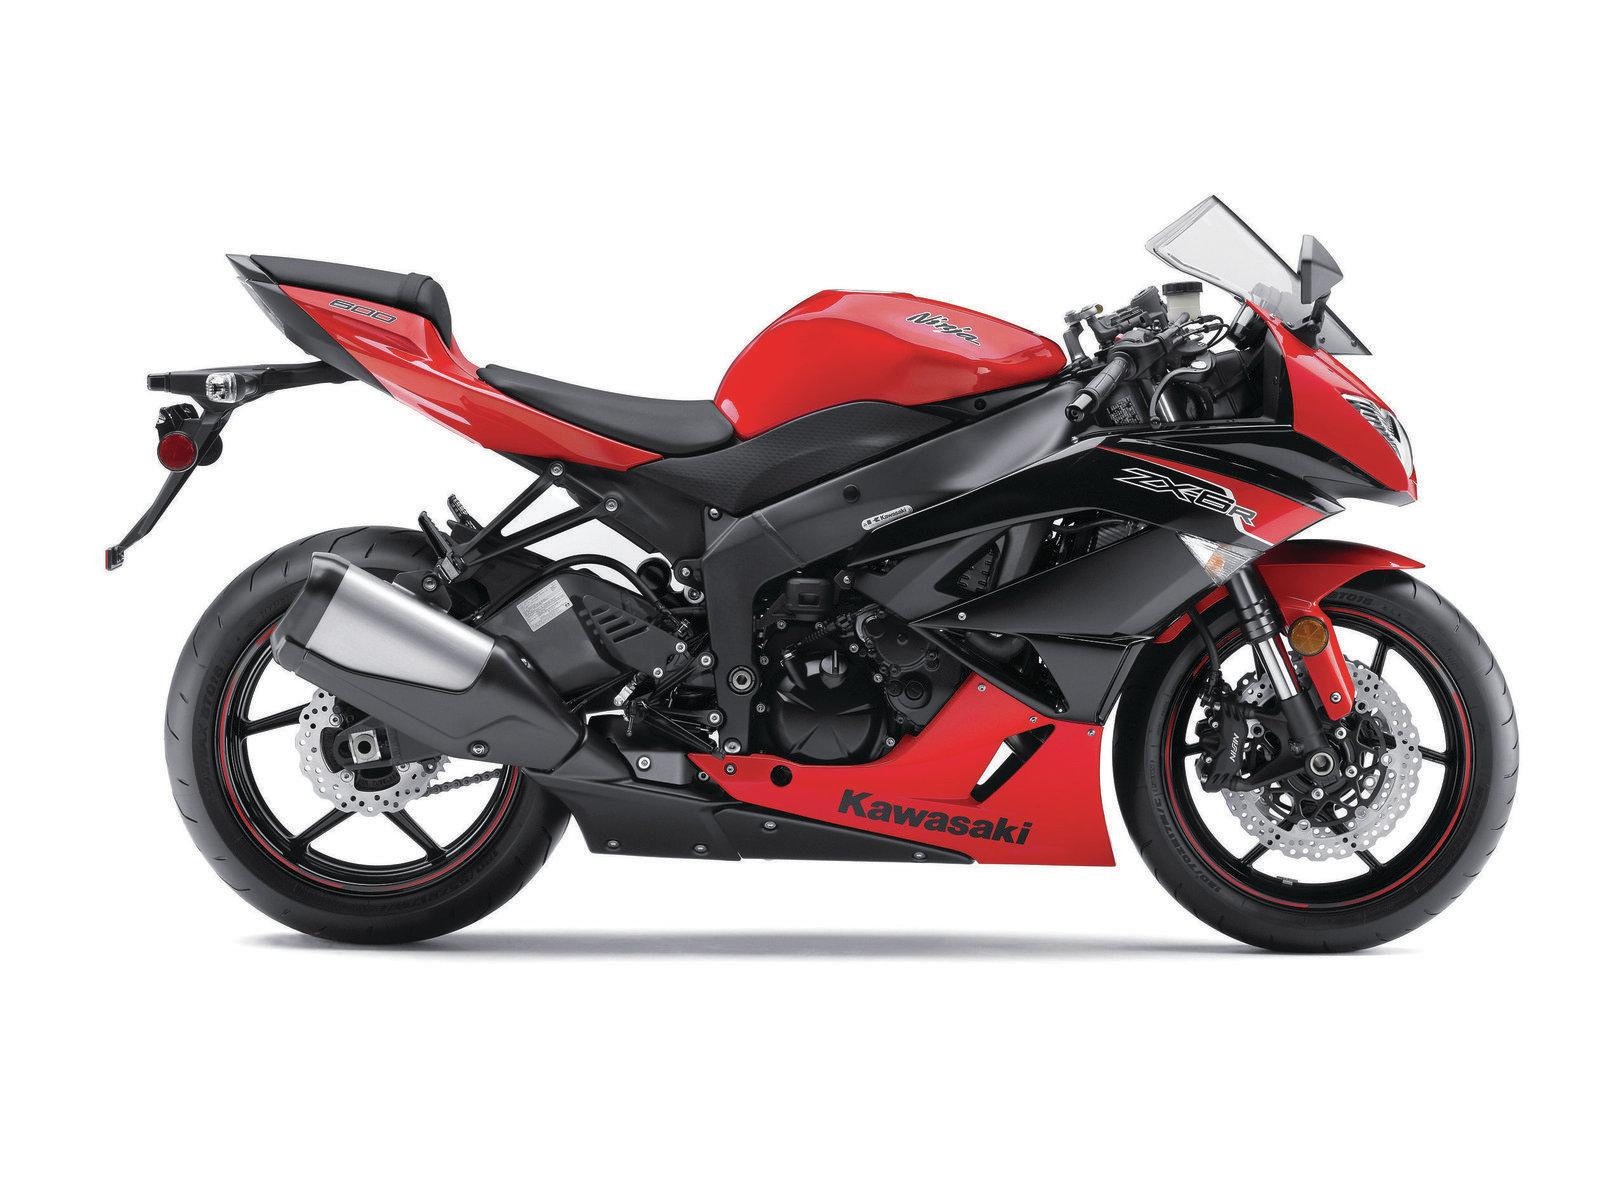 Kawasaki Motor Bikes: 2012 Kawasaki Ninja 250R